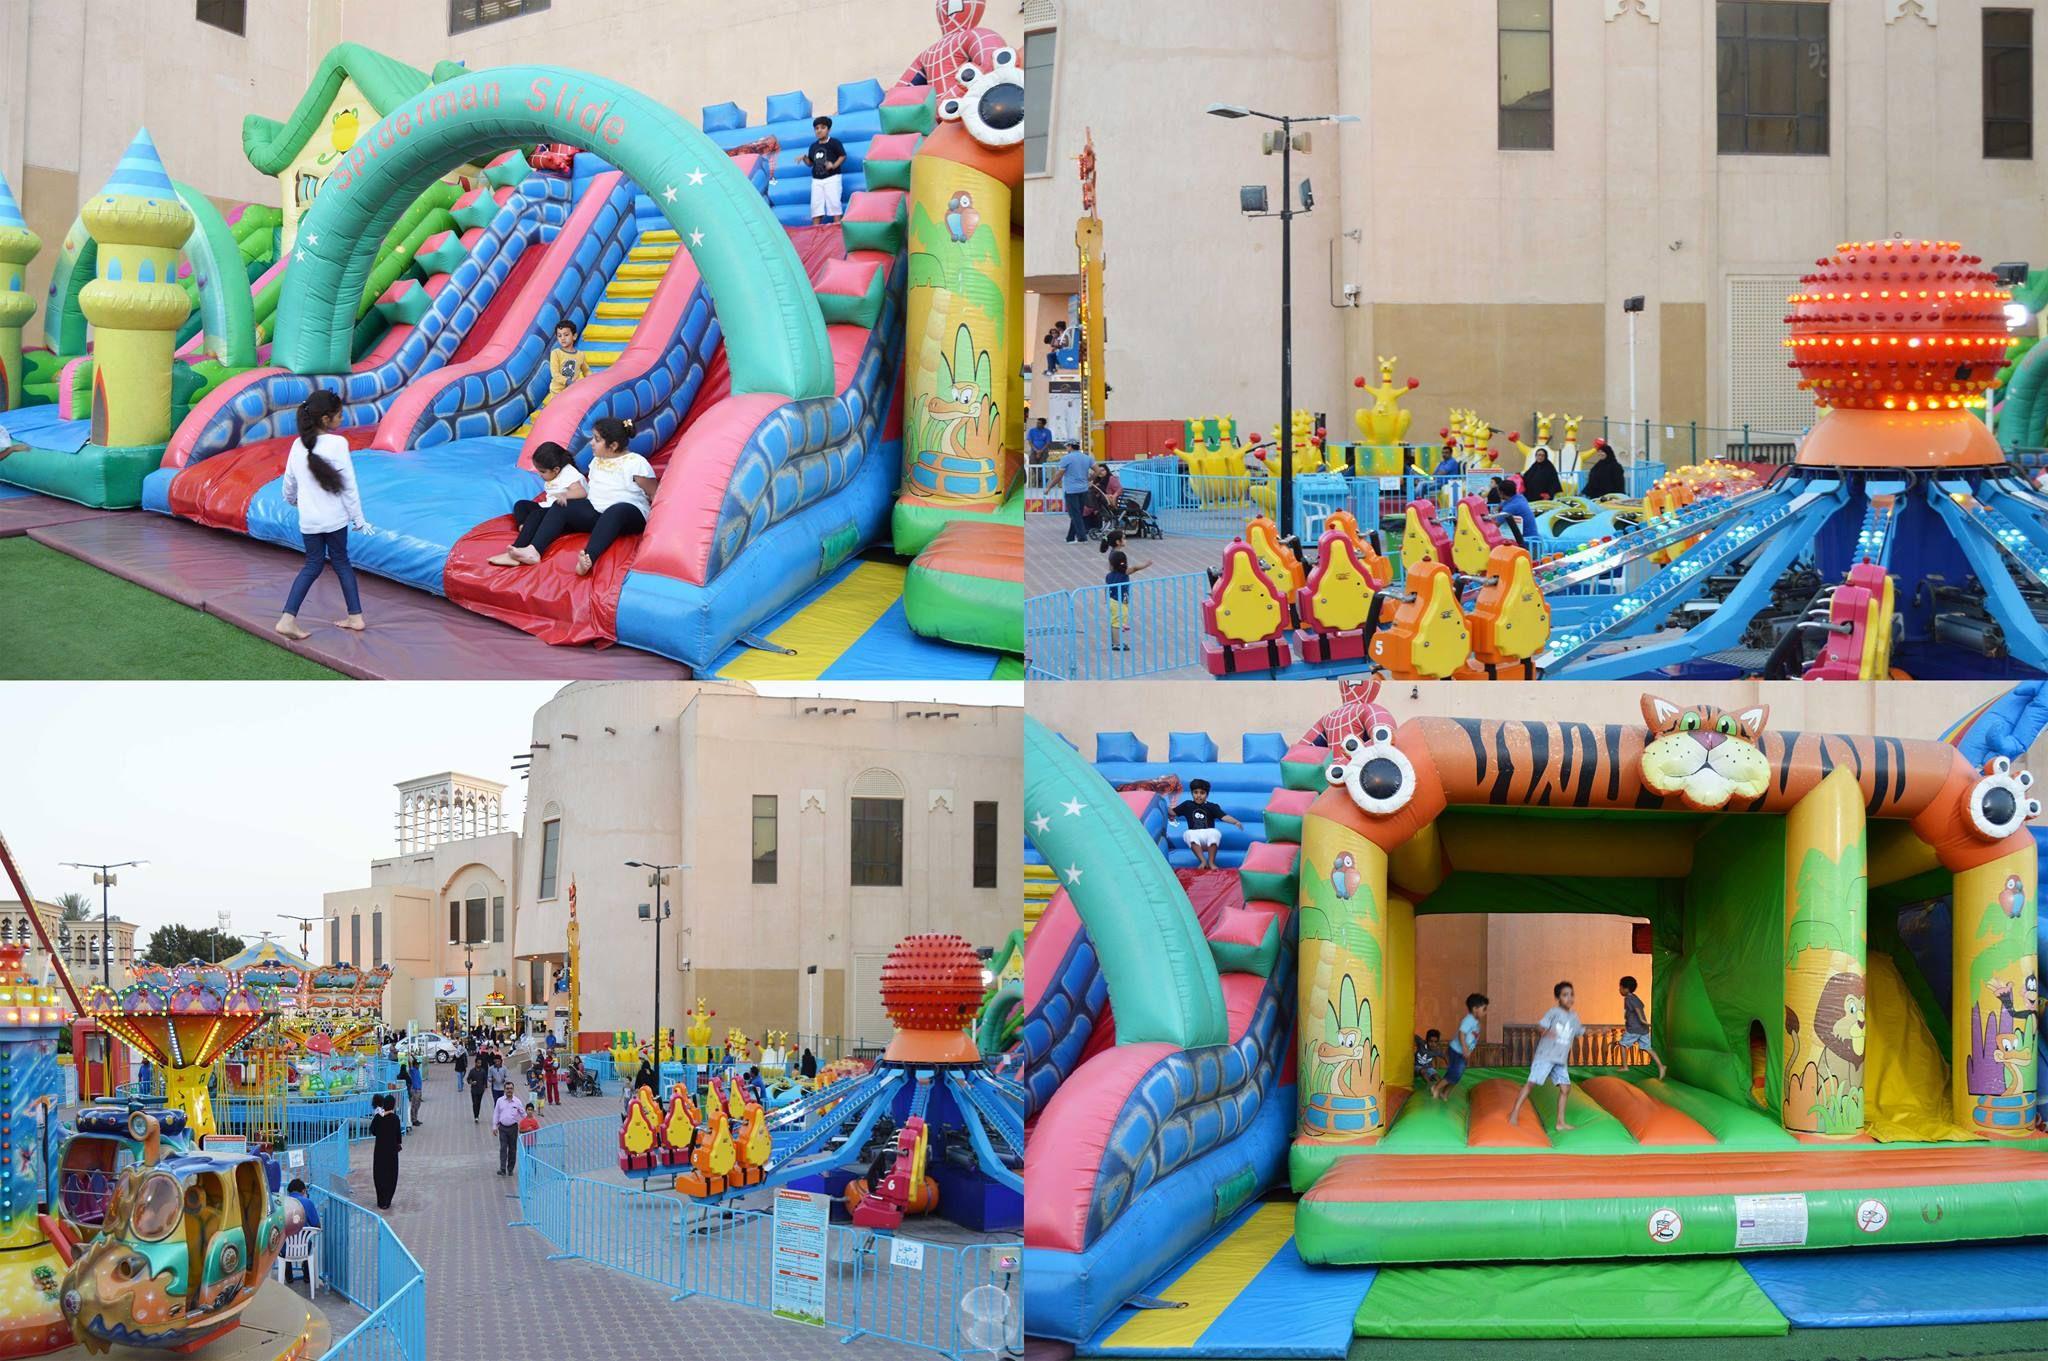 الالعاب الخارجية في قرية الشعب متعة وترفيه تفضلوا بزيارتنا This Weekend Visit Outdoor Amusement Park In Al Shaa Outdoor Fun Fun Activities Amusement Park